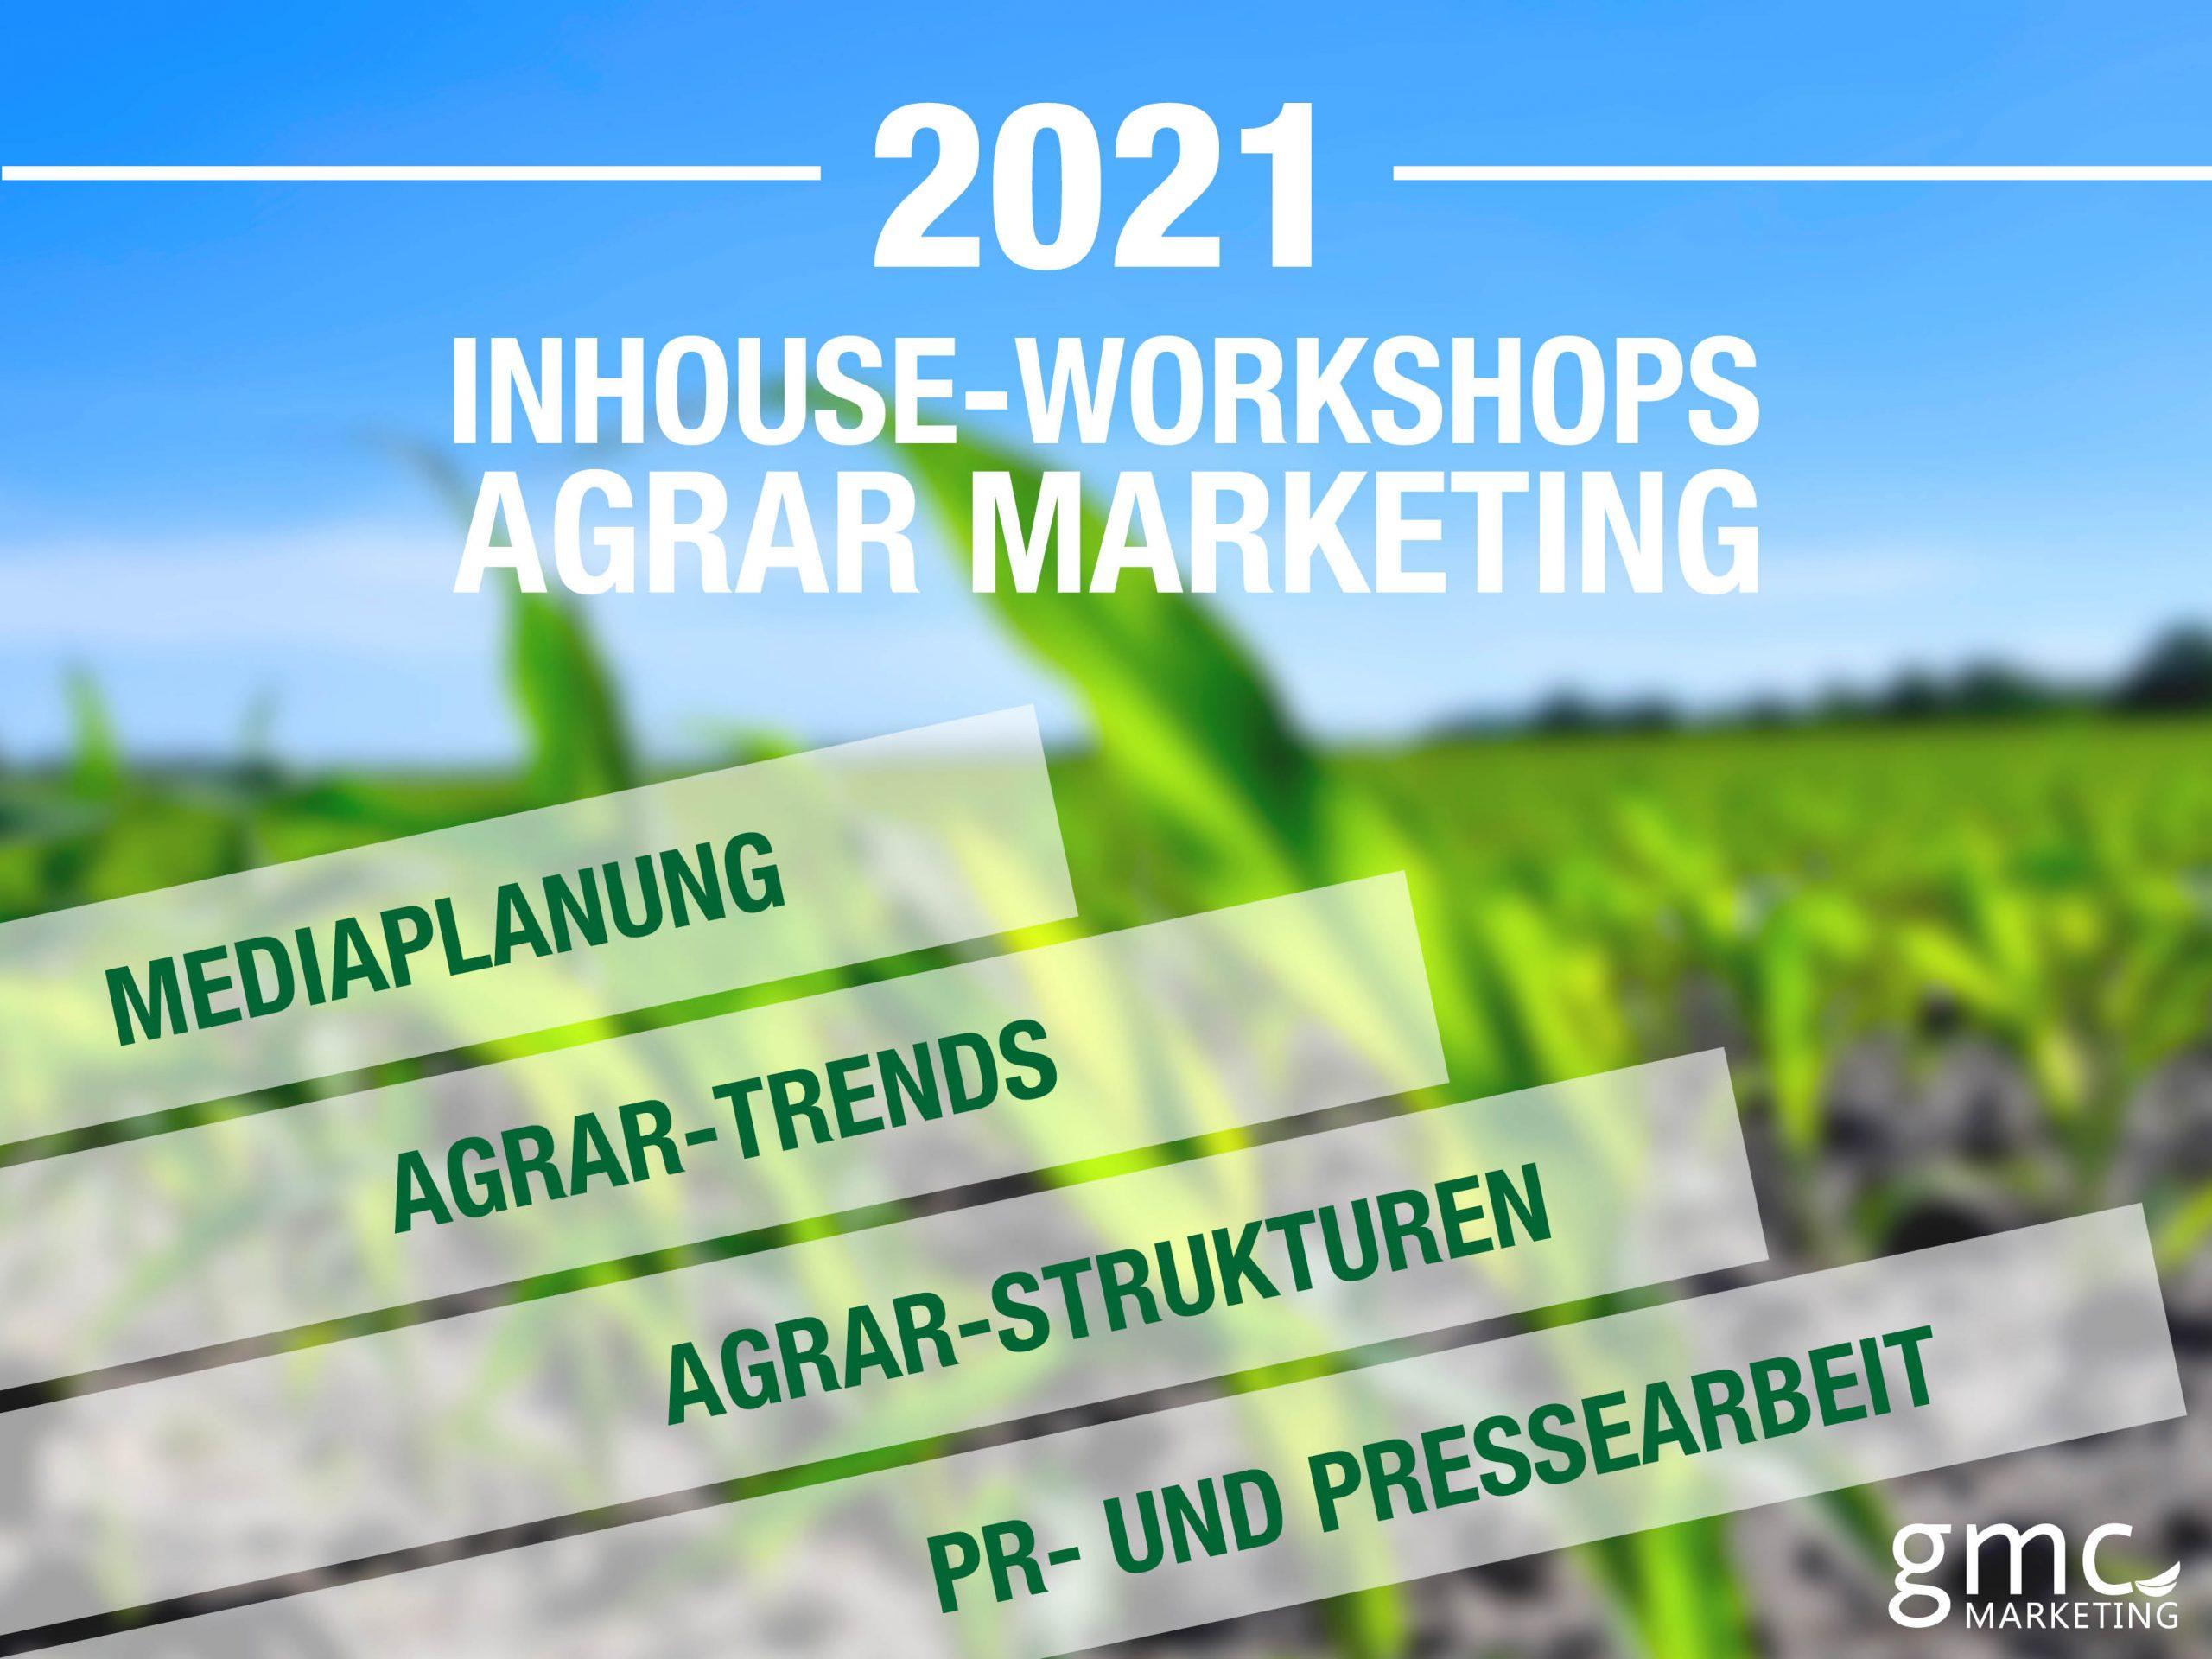 Workshop Agrar-Marketing 2021